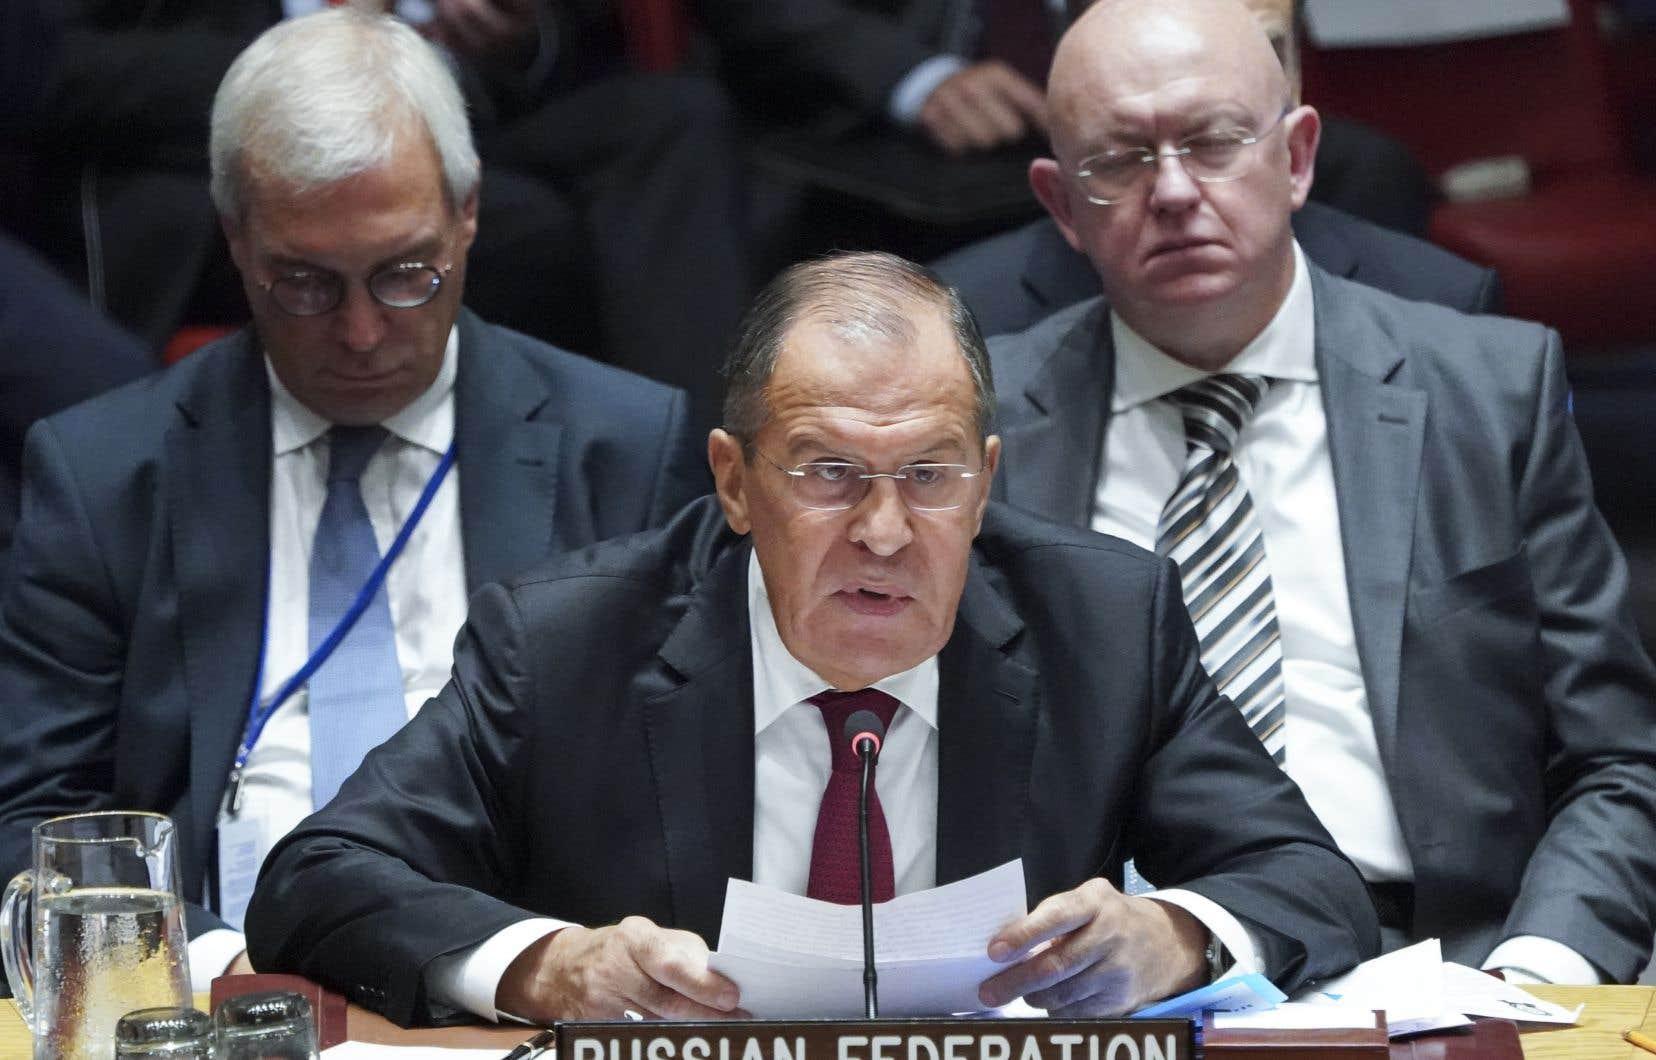 La Russie estime que le retrait des États-Unis du traitésur les armes nucléaires de portée intermédiaire mènera à une nouvelle course aux armements nucléaires.